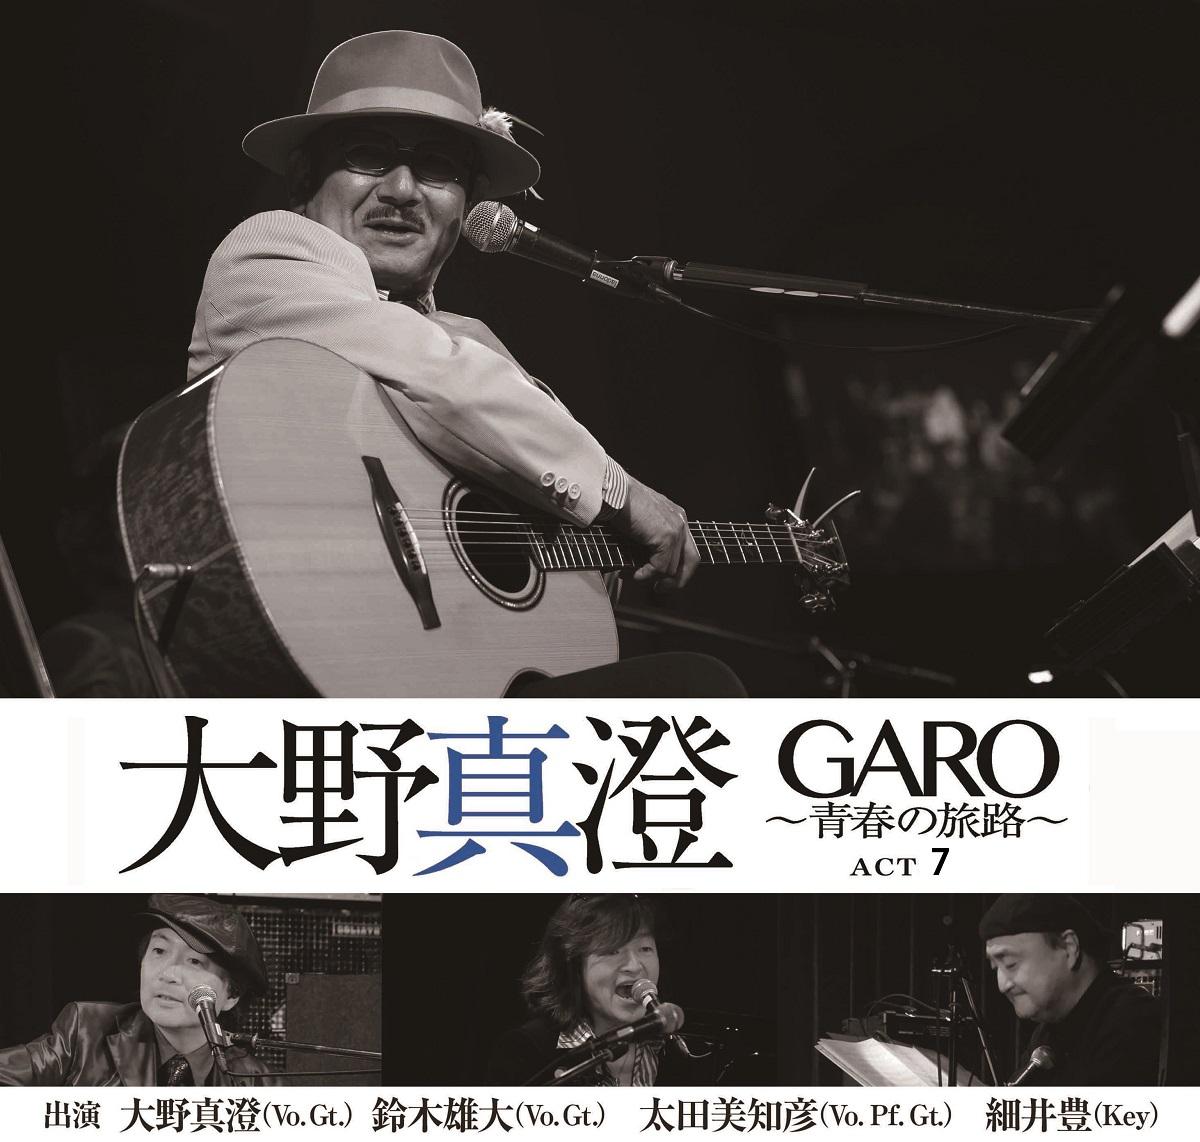 大野真澄 ~GARO 青春の旅路 ACT7+α